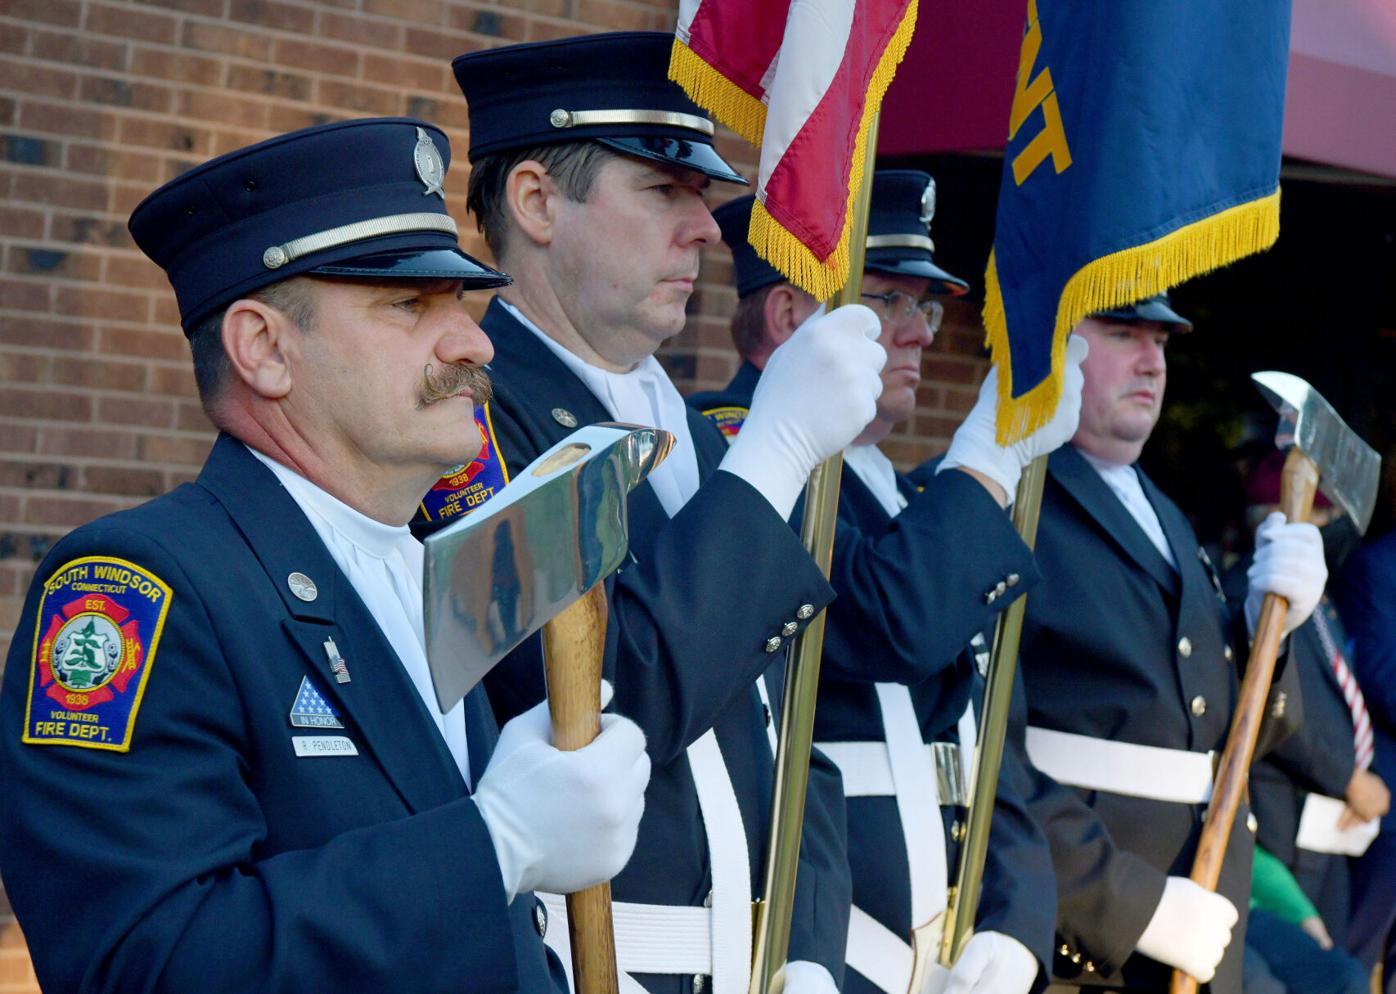 091021 911 SW Ceremony 09.jpg